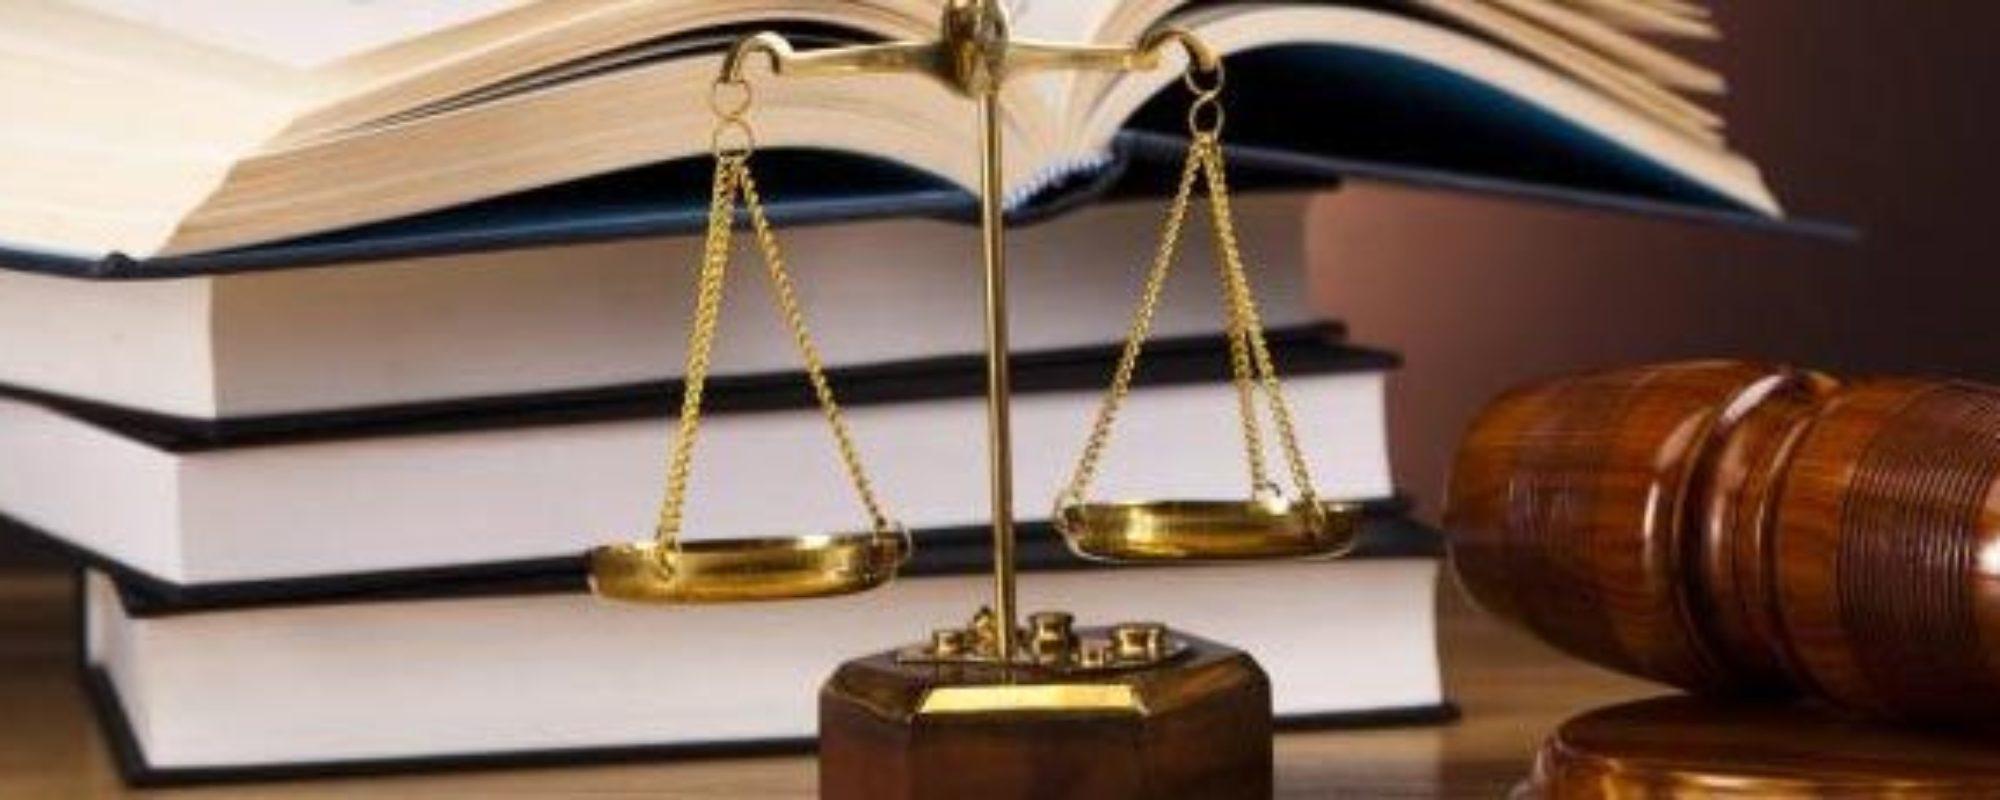 адвокат защита интересов и прав